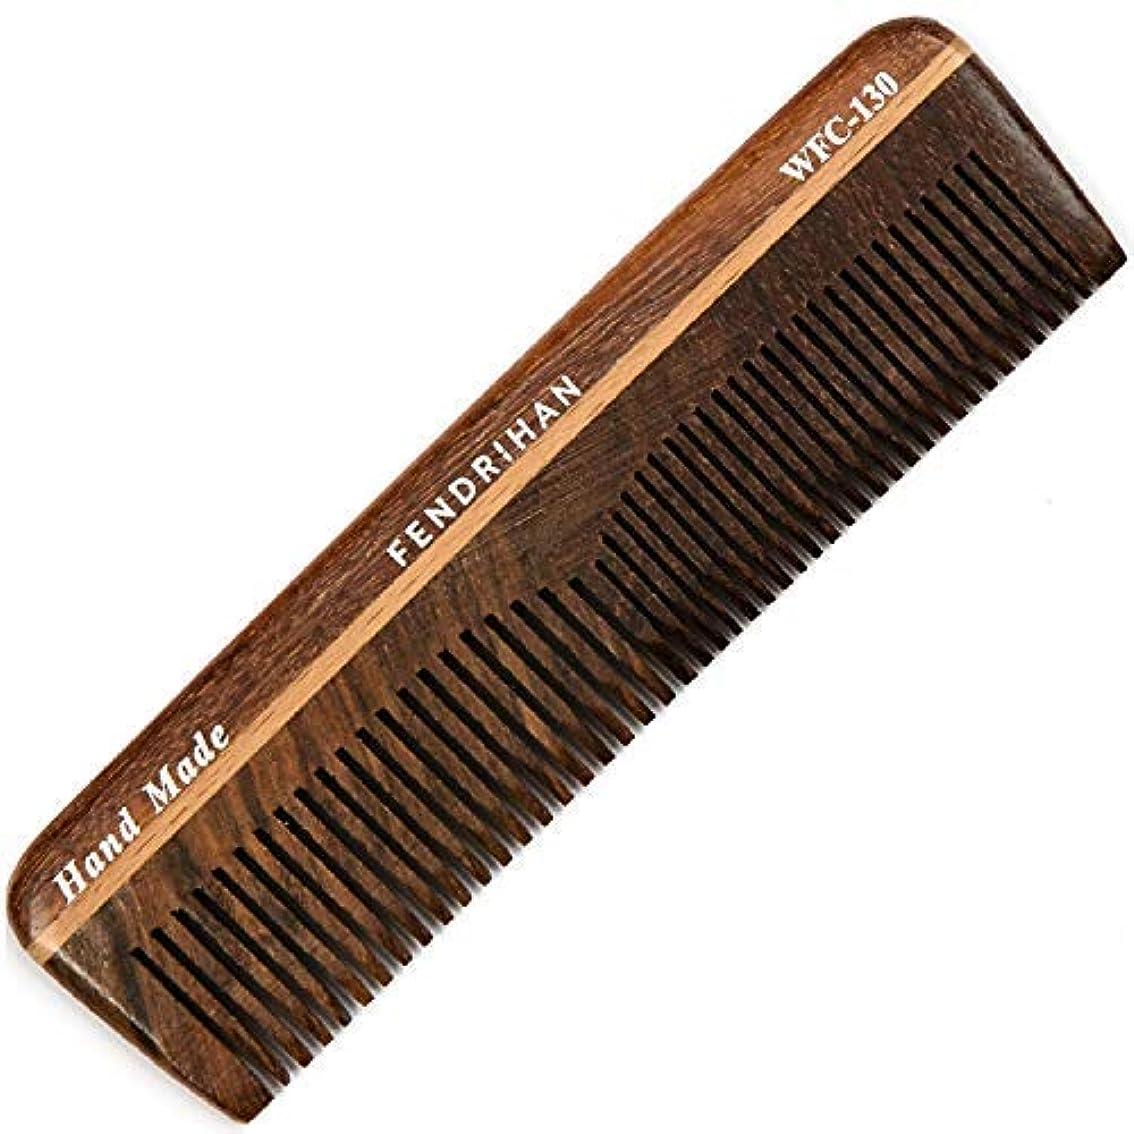 理解圧縮された備品Fendrihan Wooden Double-Tooth Pocket Barber Grooming Comb (5.1 Inches) [並行輸入品]